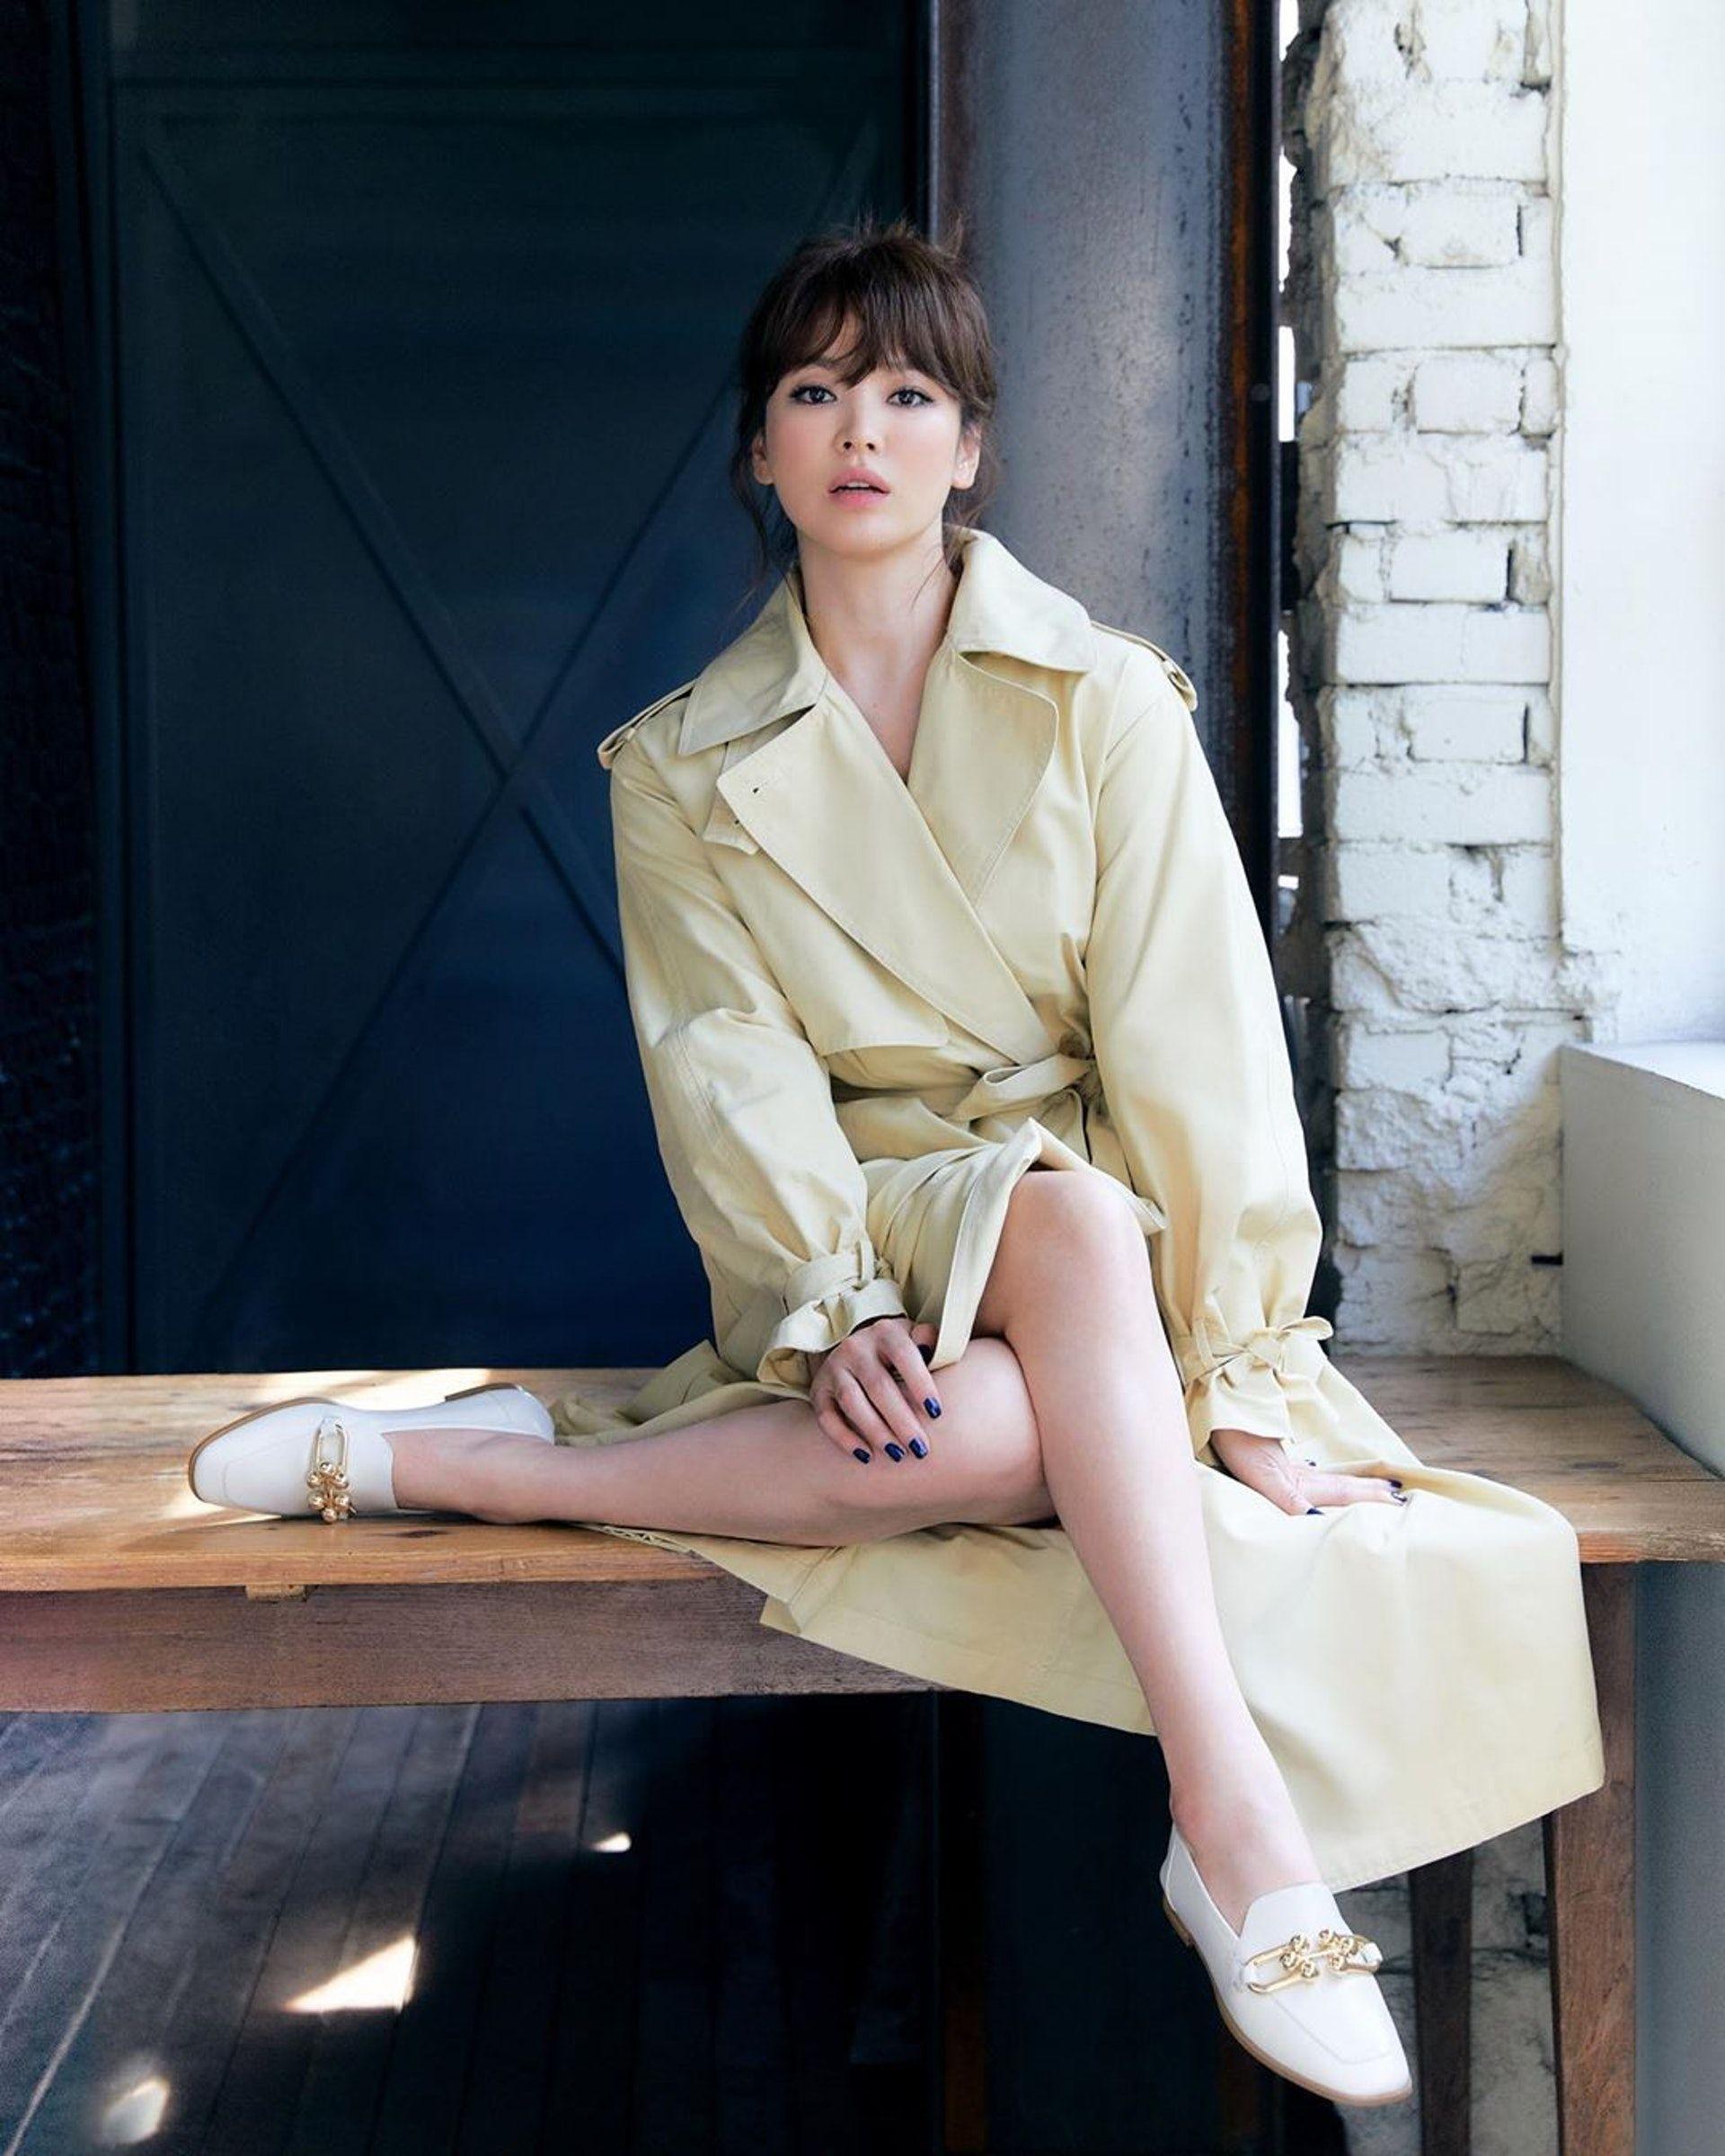 宋慧喬離婚後「最大尺度」新造型曝光!低胸洋裝炸出深溝。激似高中生美貌引來「她」喊不公平